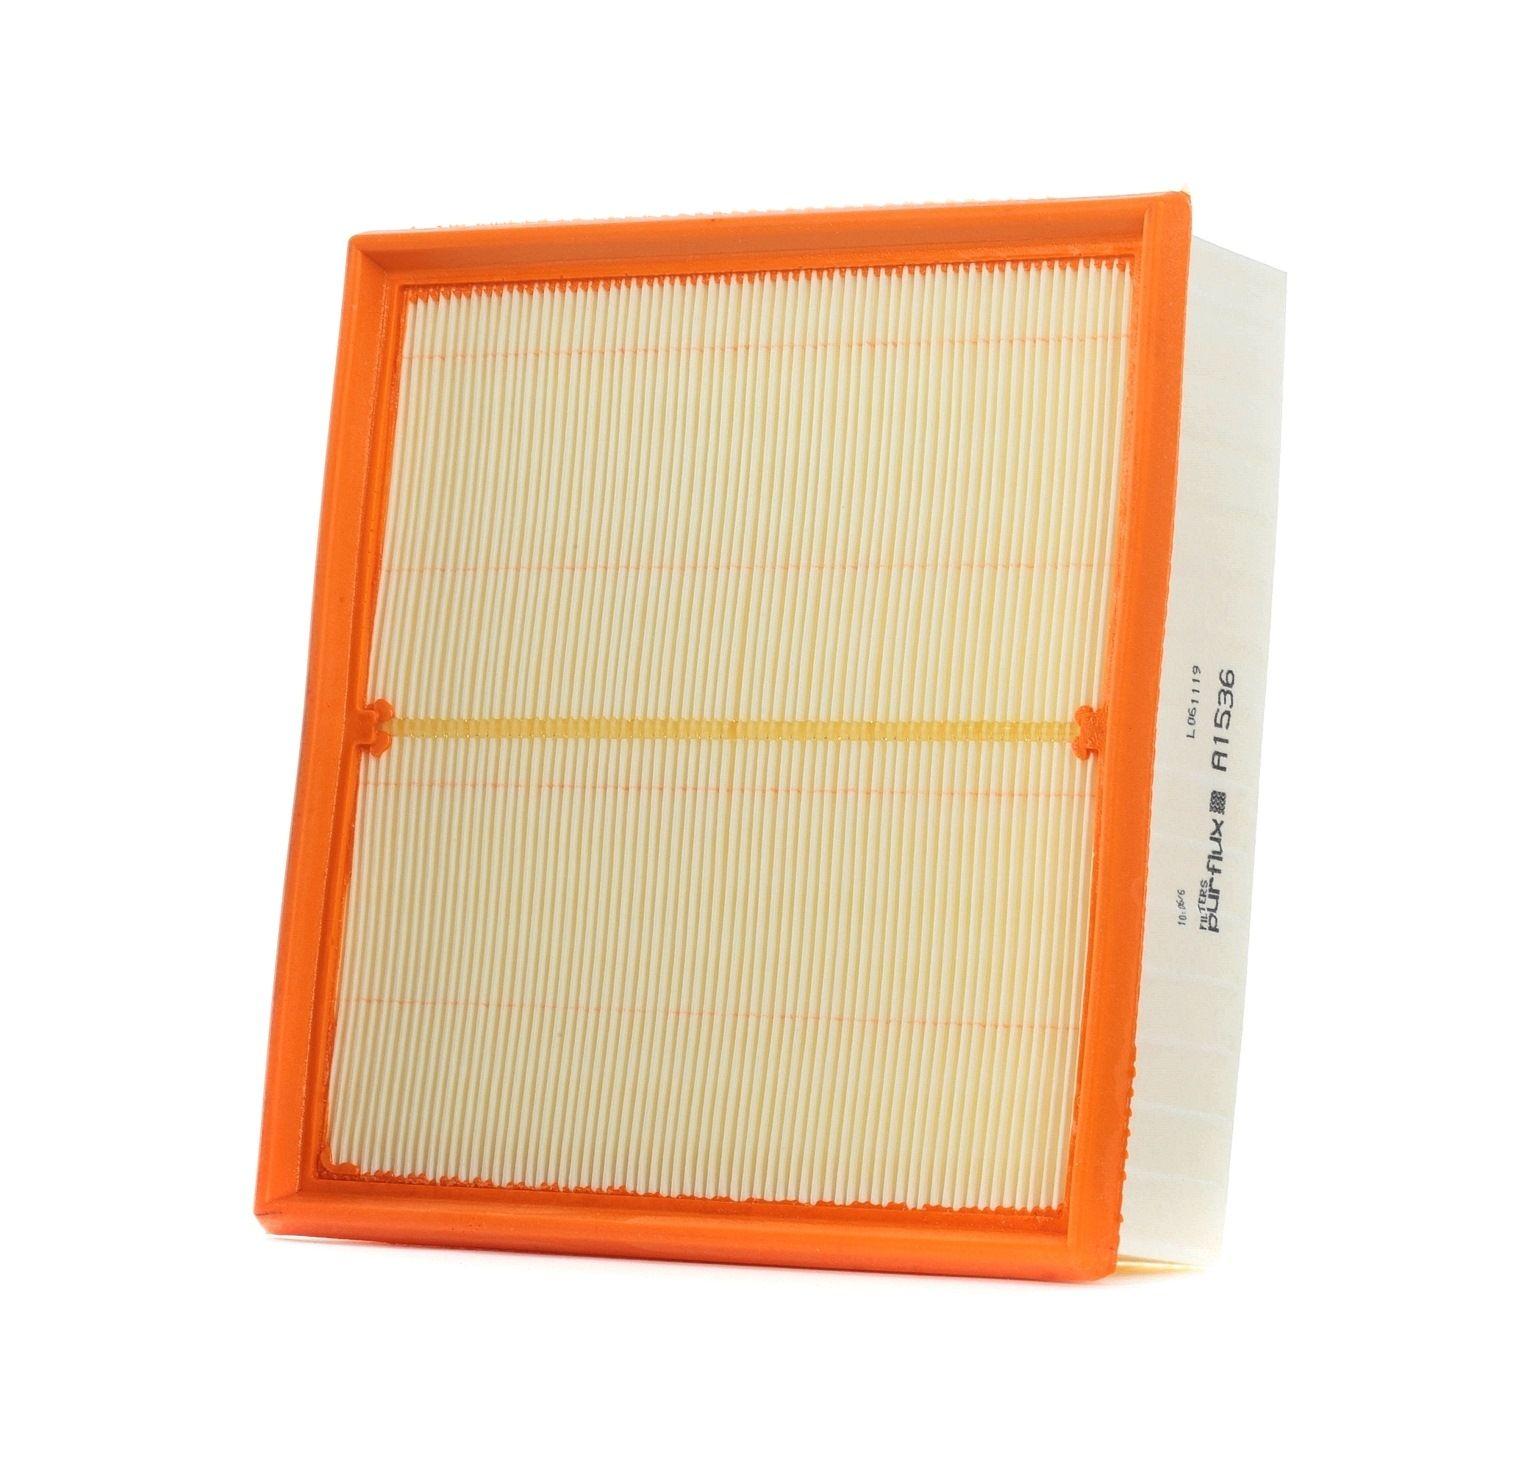 Въздушен филтър A1536 с добро PURFLUX съотношение цена-качество